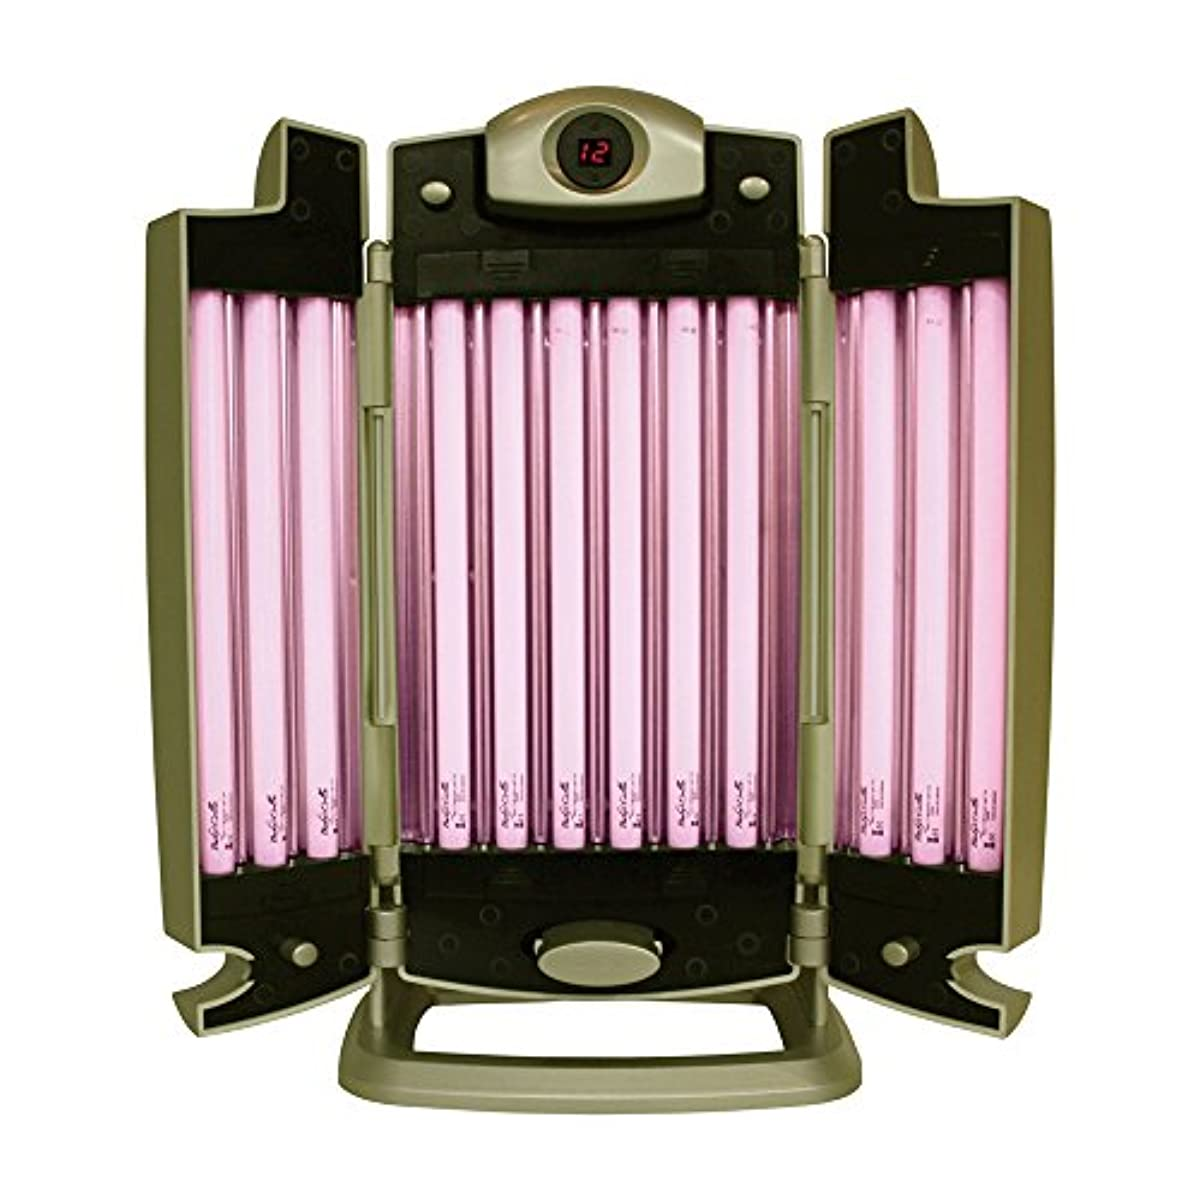 省略反抗ストラトフォードオンエイボンBeauty Light(ビューティーライト) フェイシャル パーフェクトケアセット